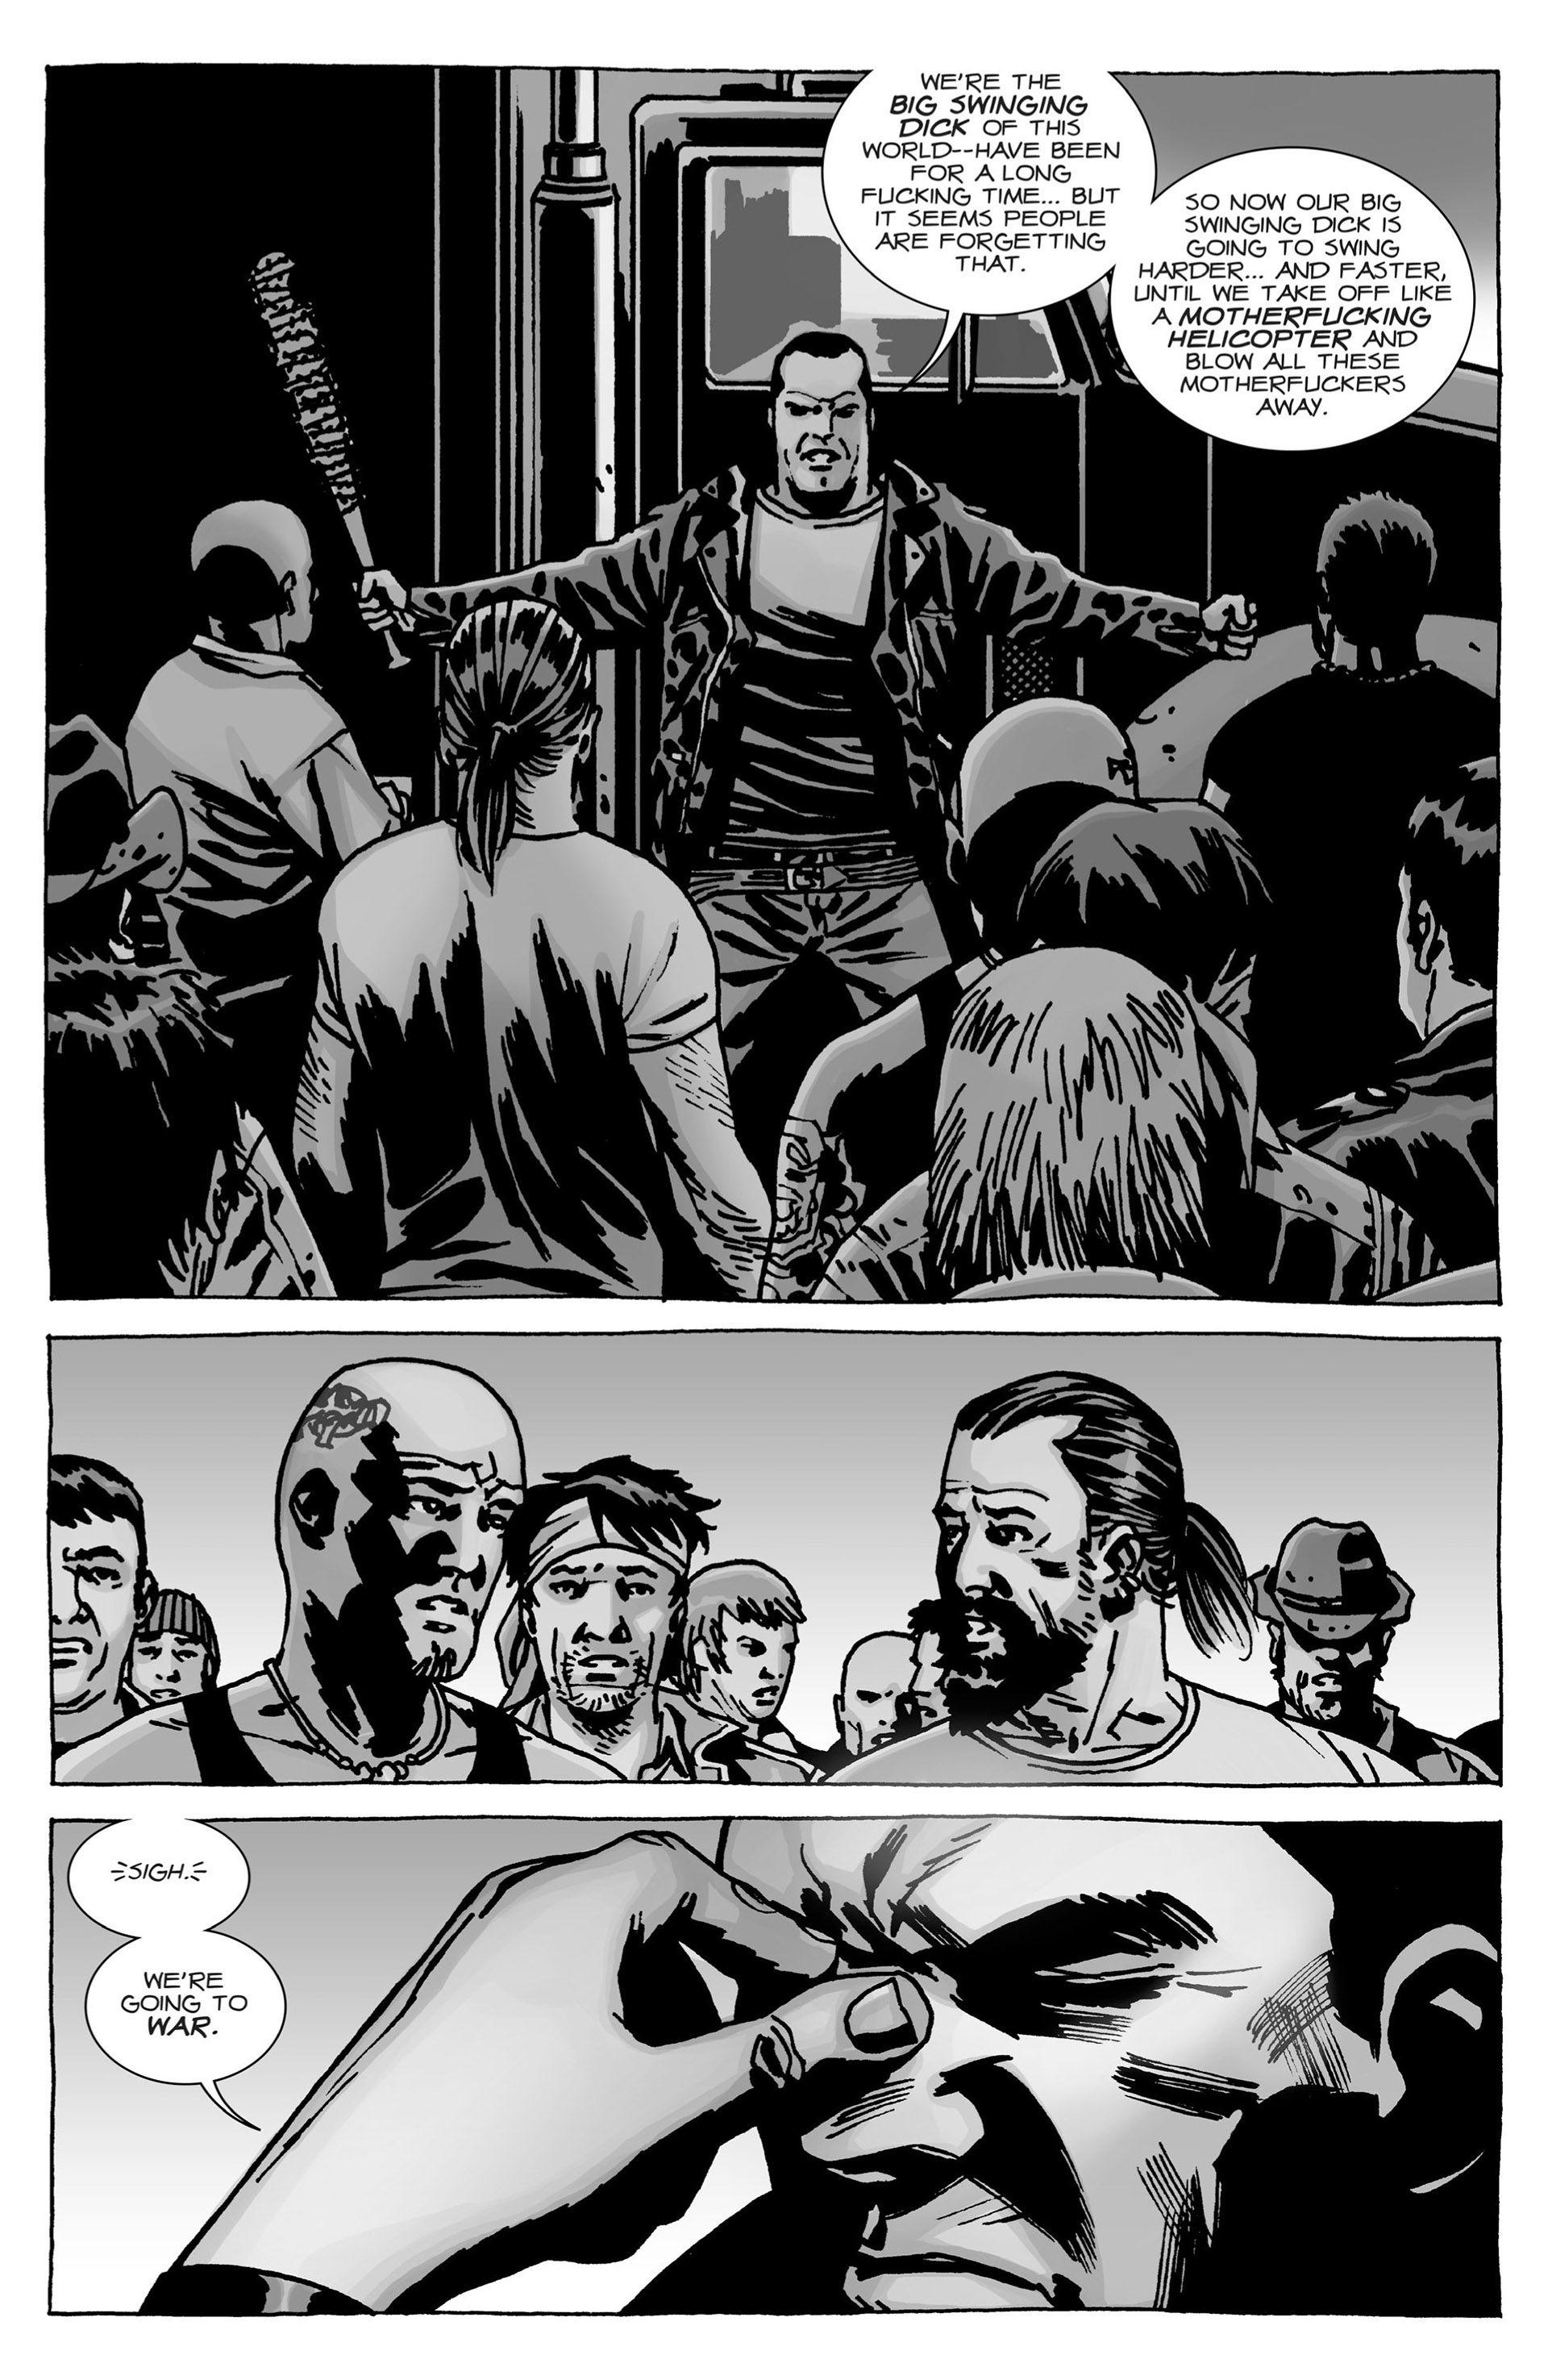 The Walking Dead Issue #114 - Read The Walking Dead Issue